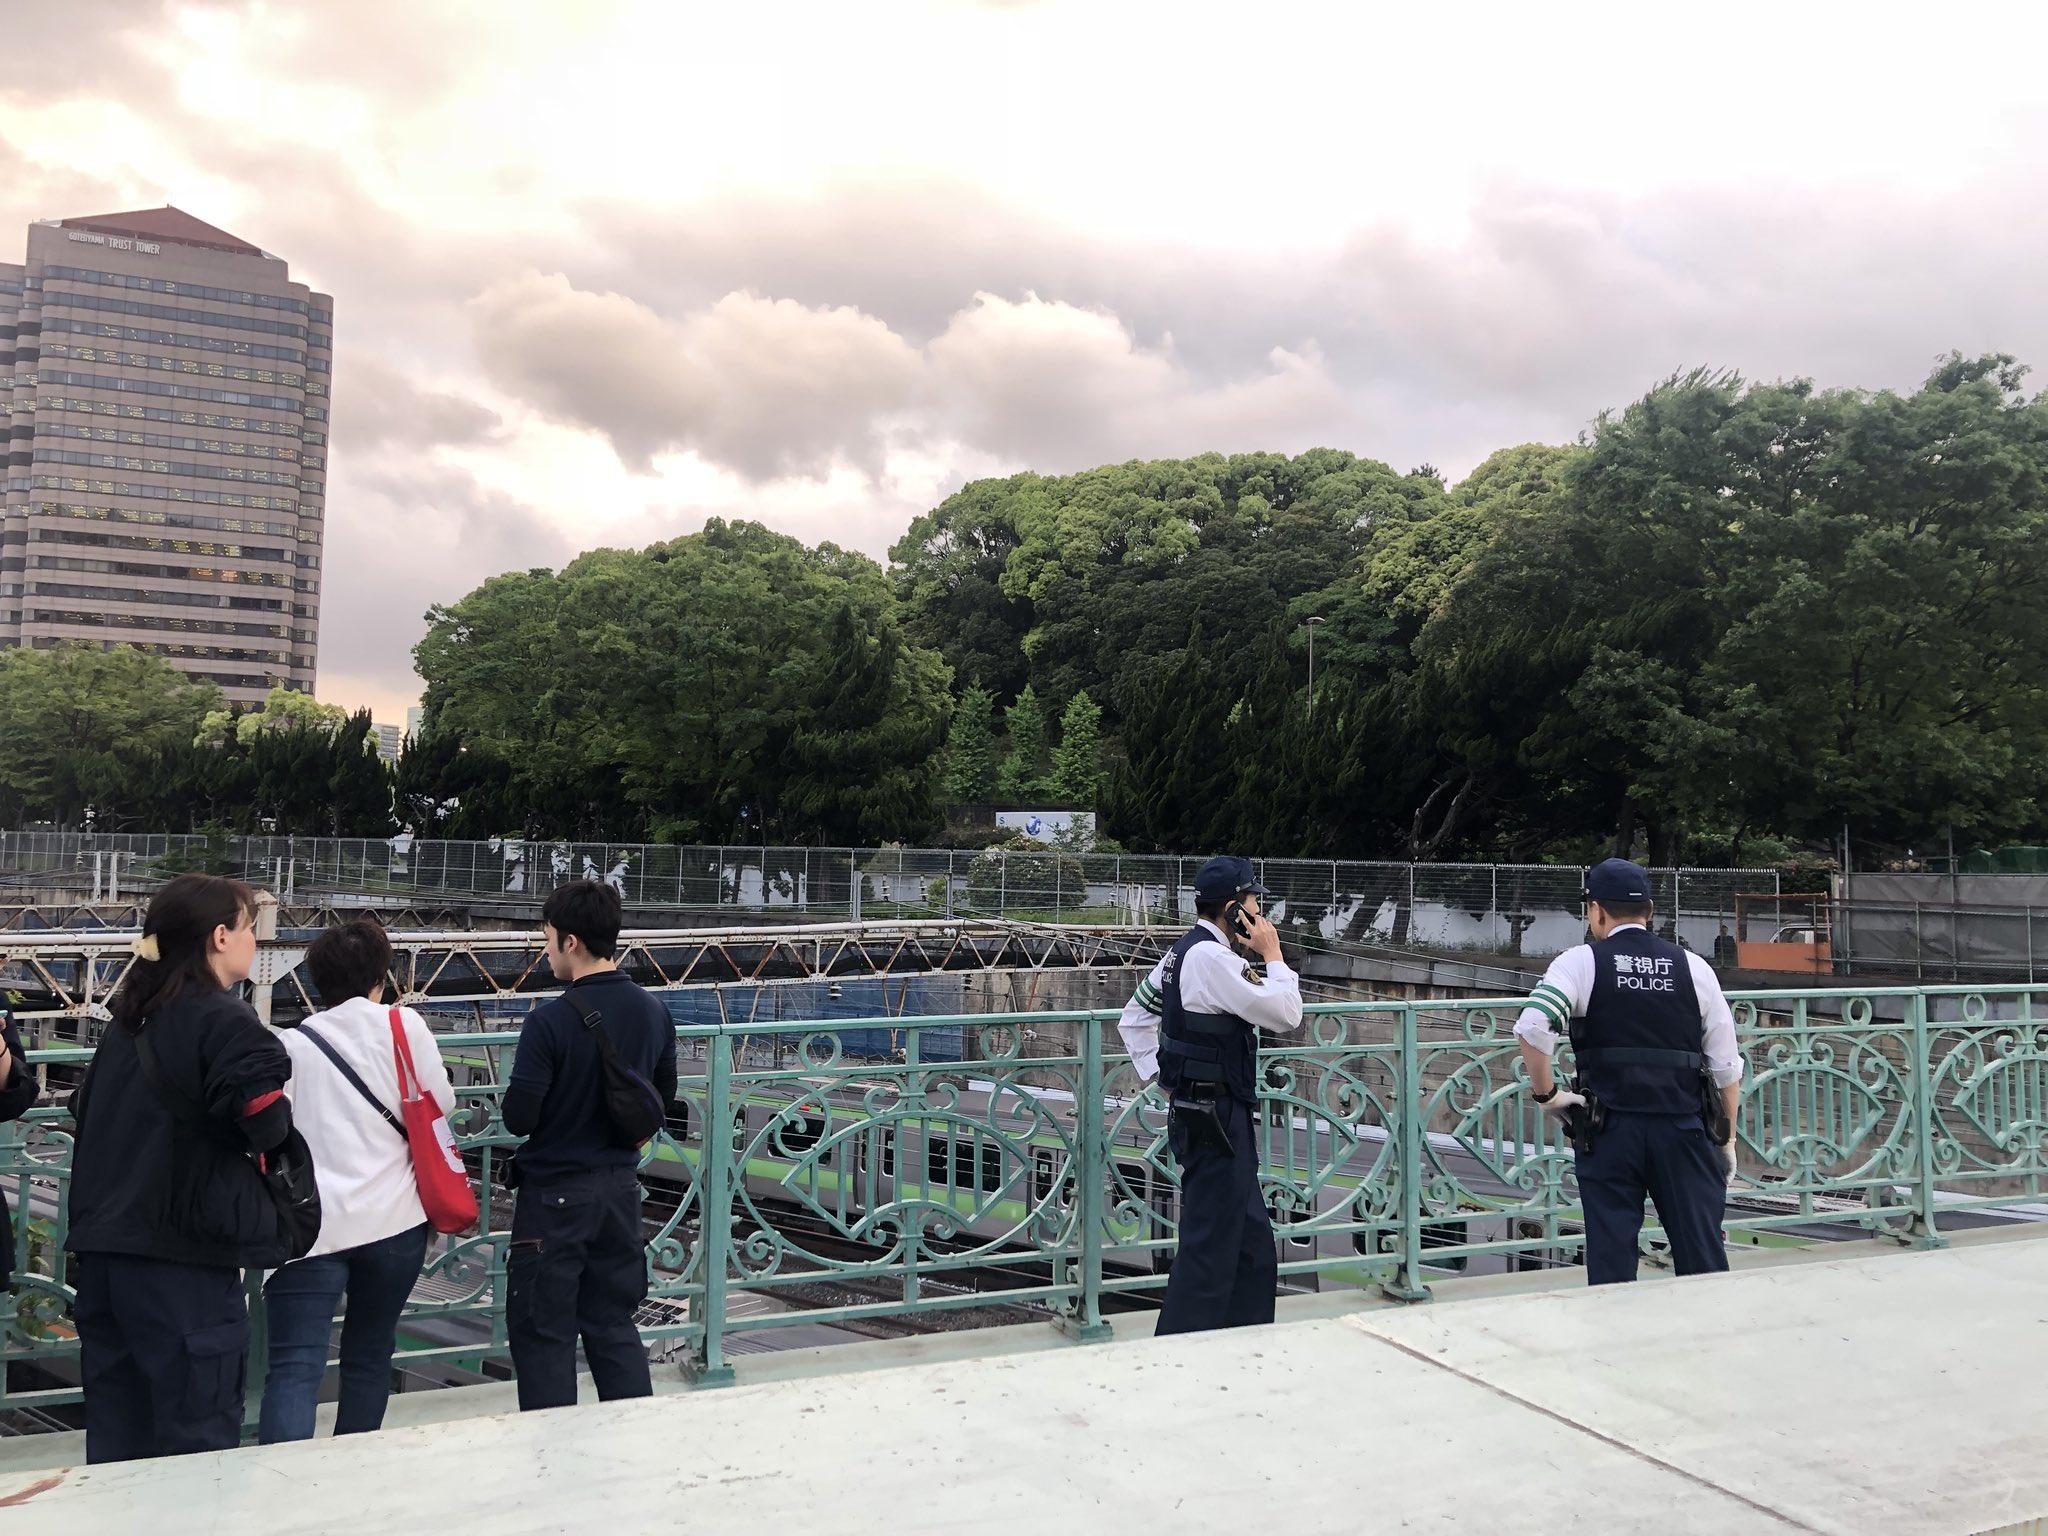 画像,品川駅近くの橋で飛び降りでグモ発生山手を始めJRみんな停まってる https://t.co/SQf0WKiYgi。